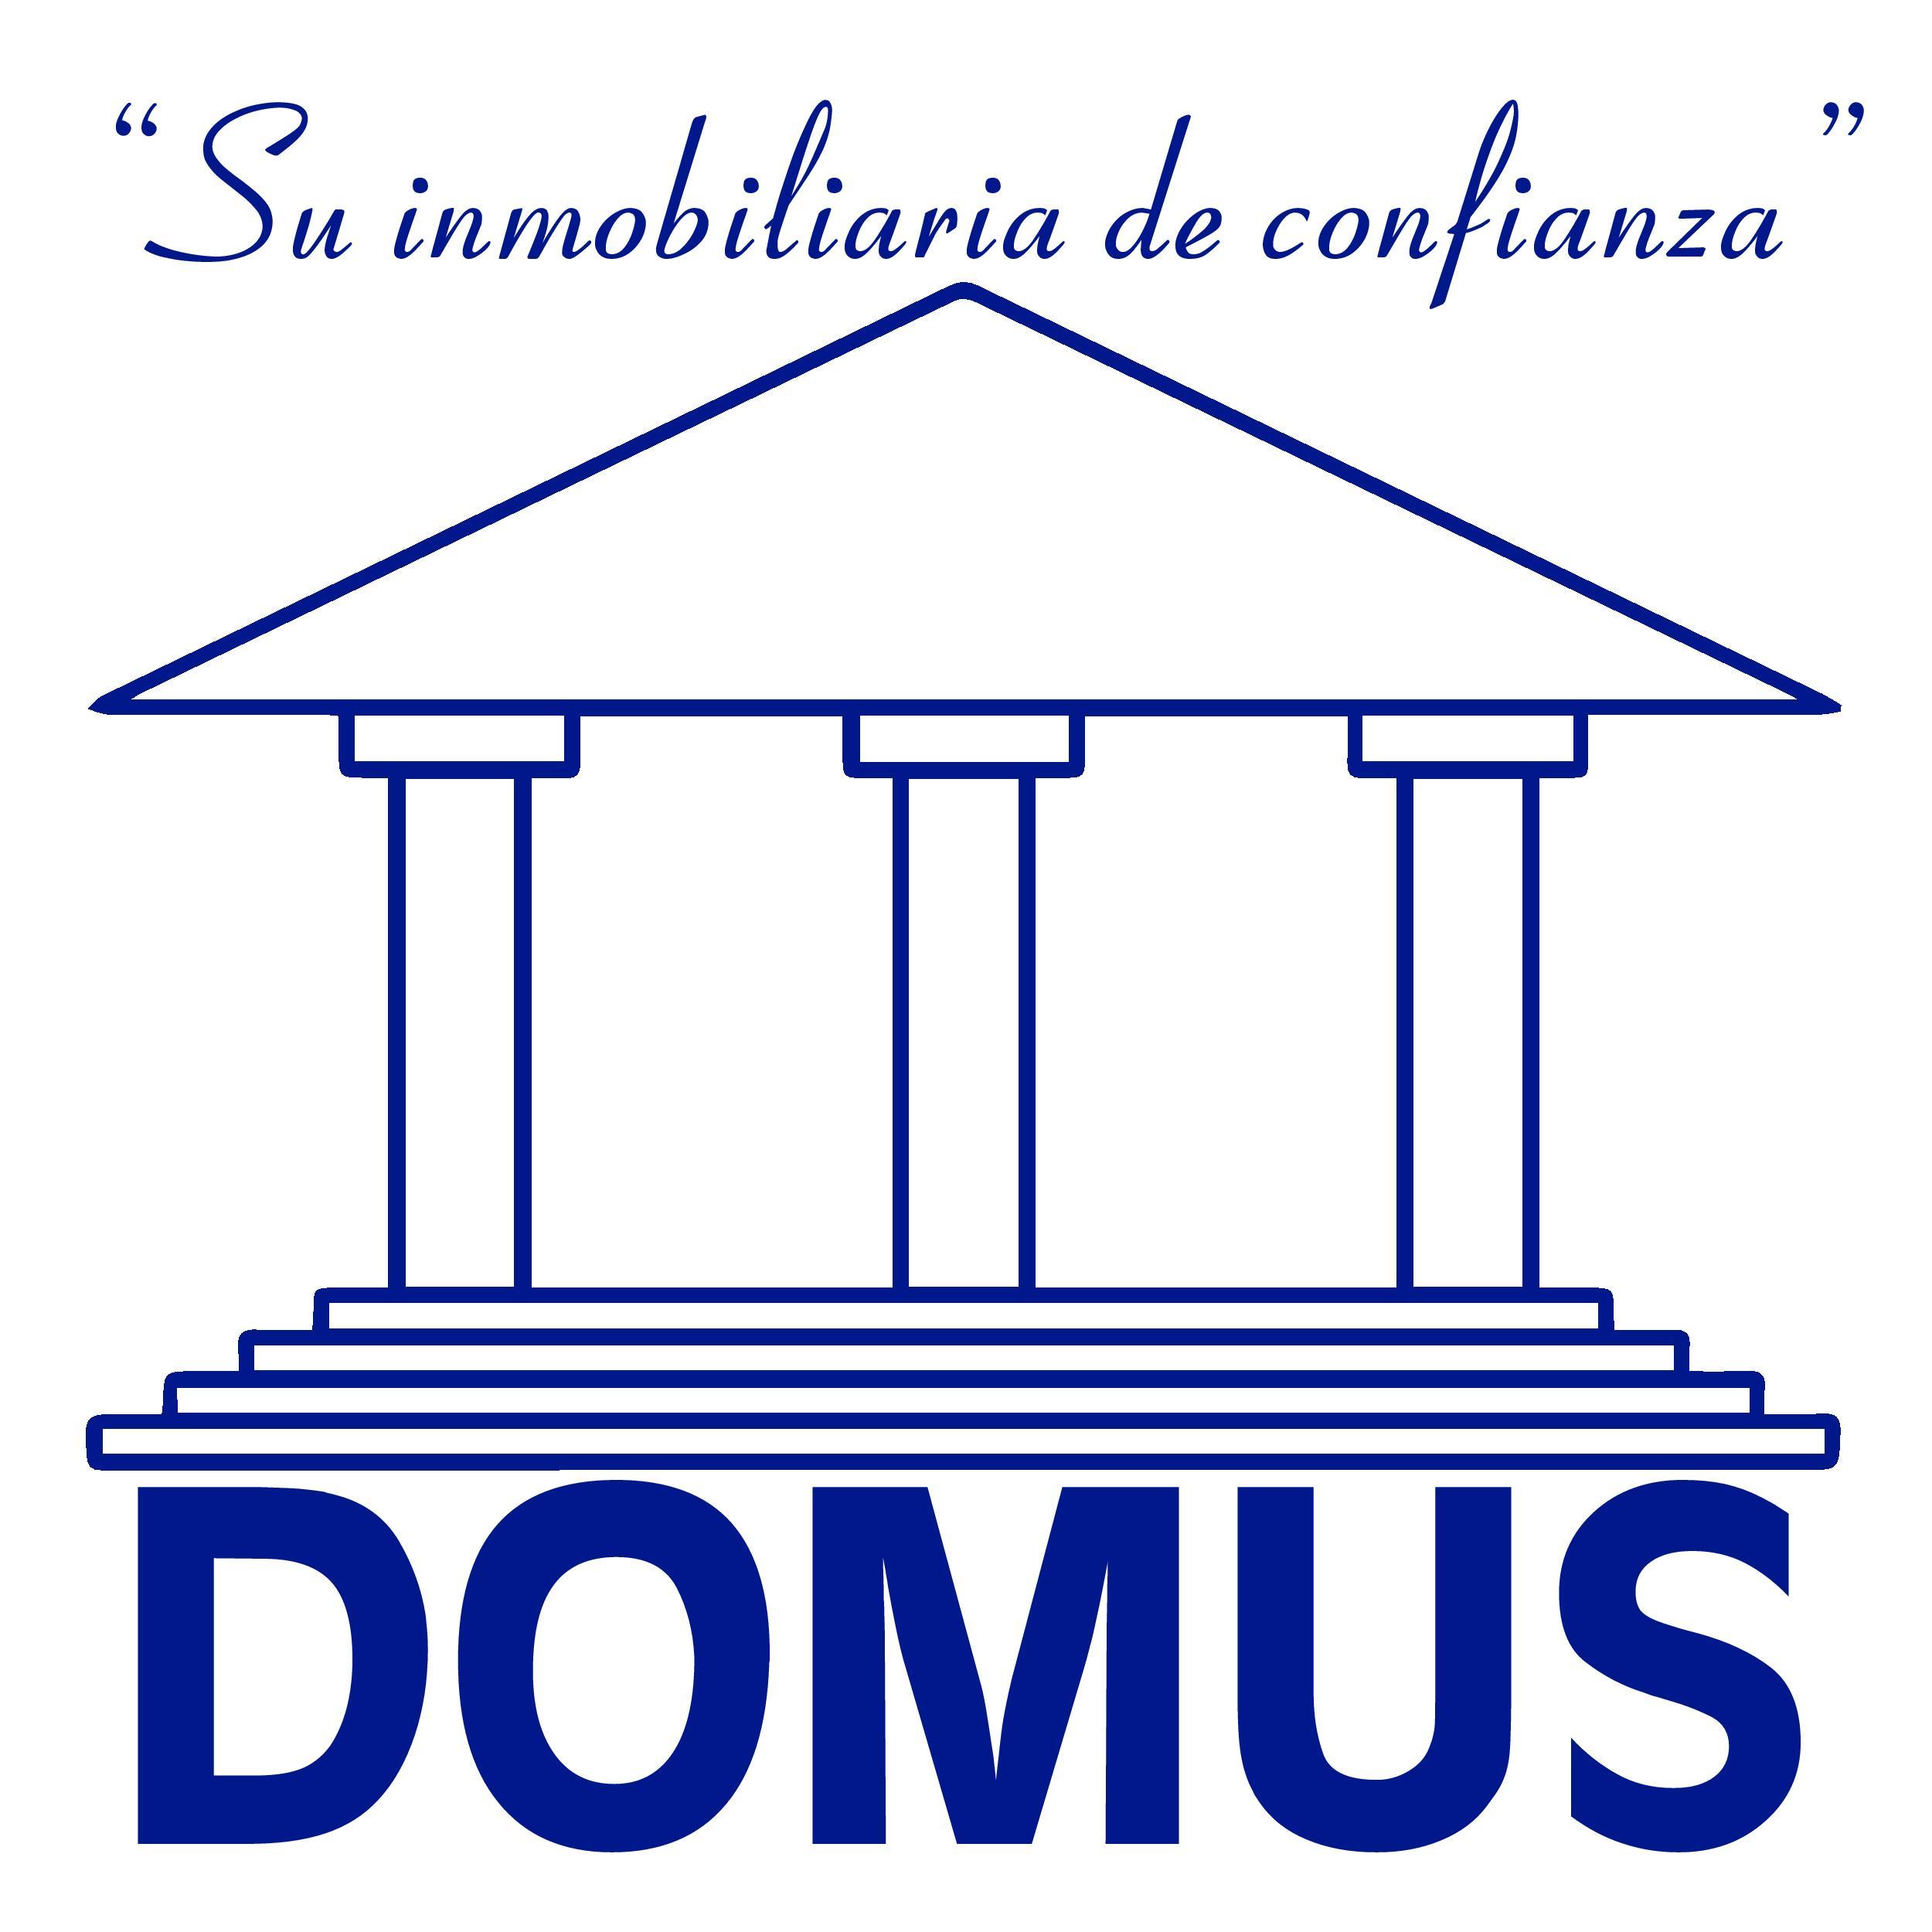 Inmobiliaria Domus